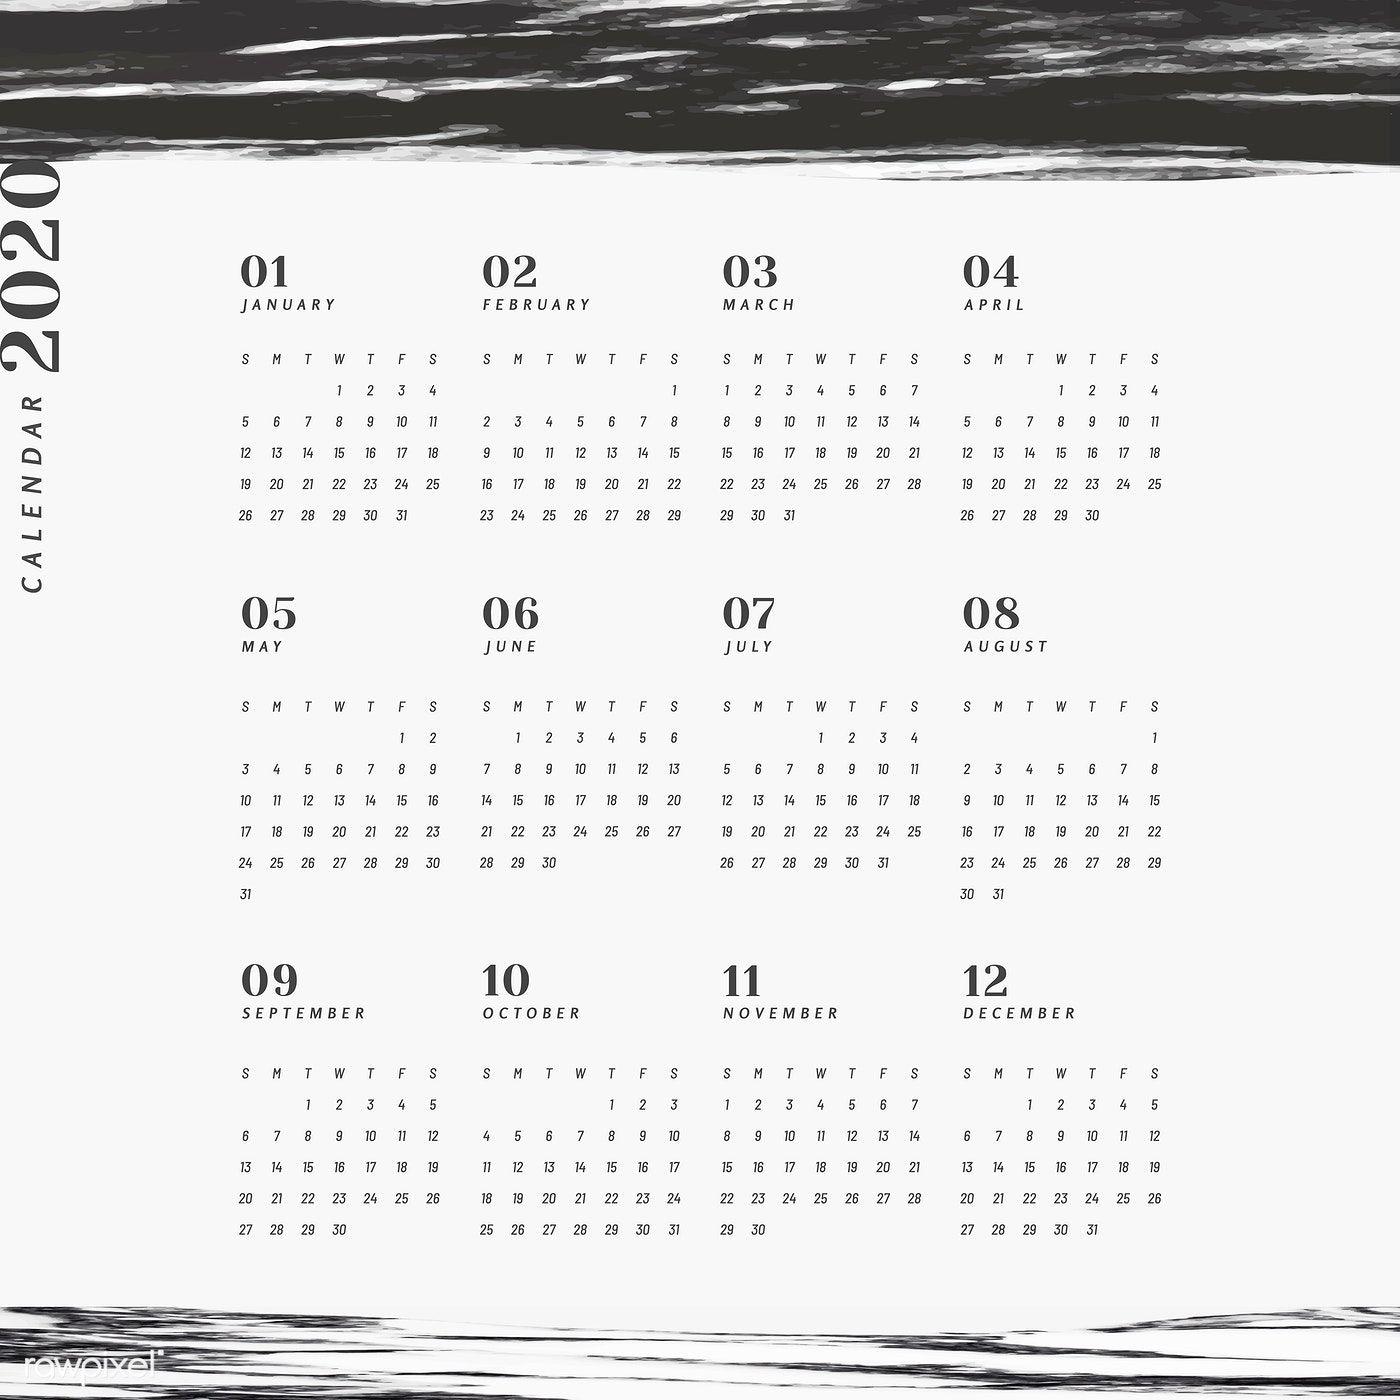 October 2018 Calendar Wallpaper Iphone Calendar Wallpaper October Calendar Wallpaper September Wallpaper